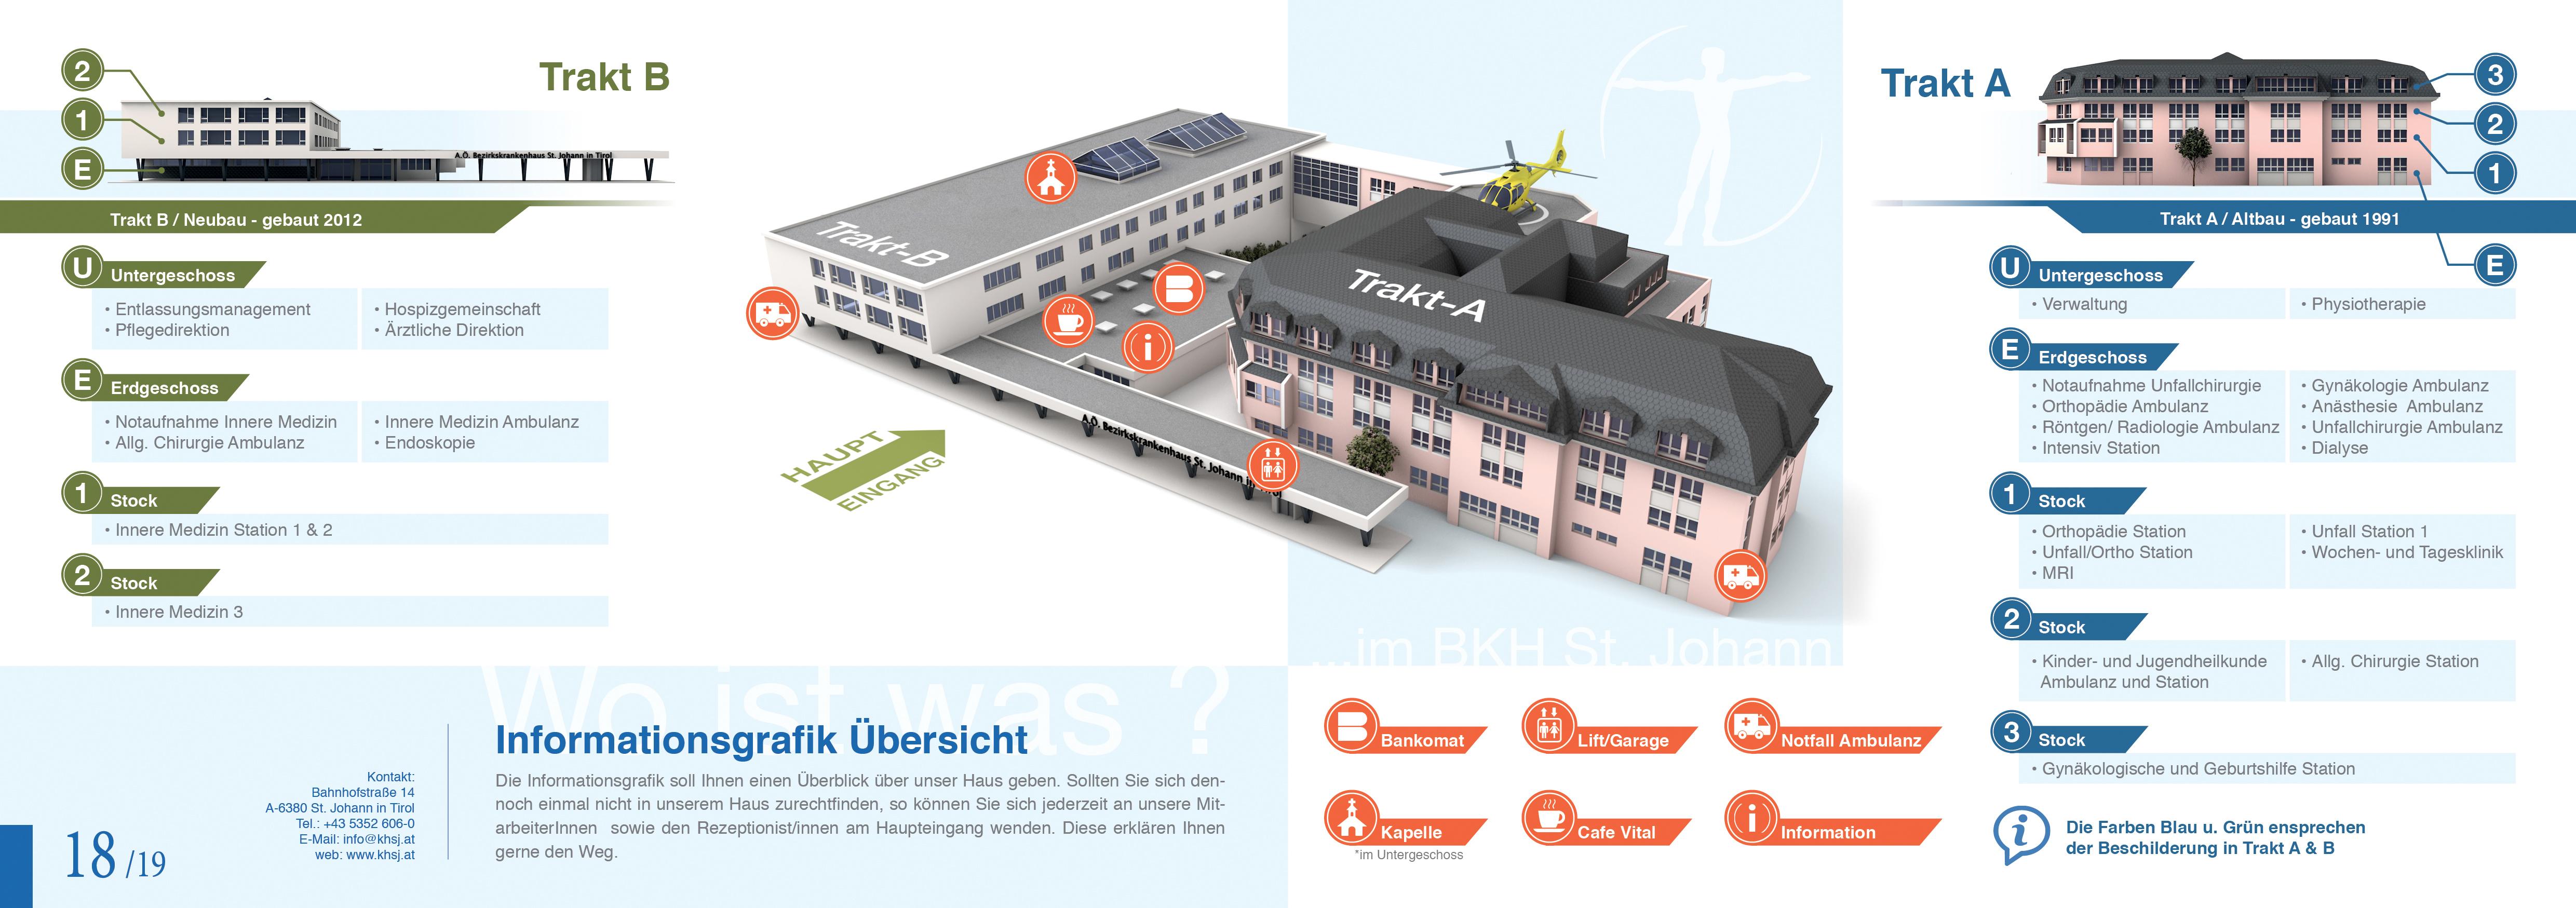 Krankenhausplan